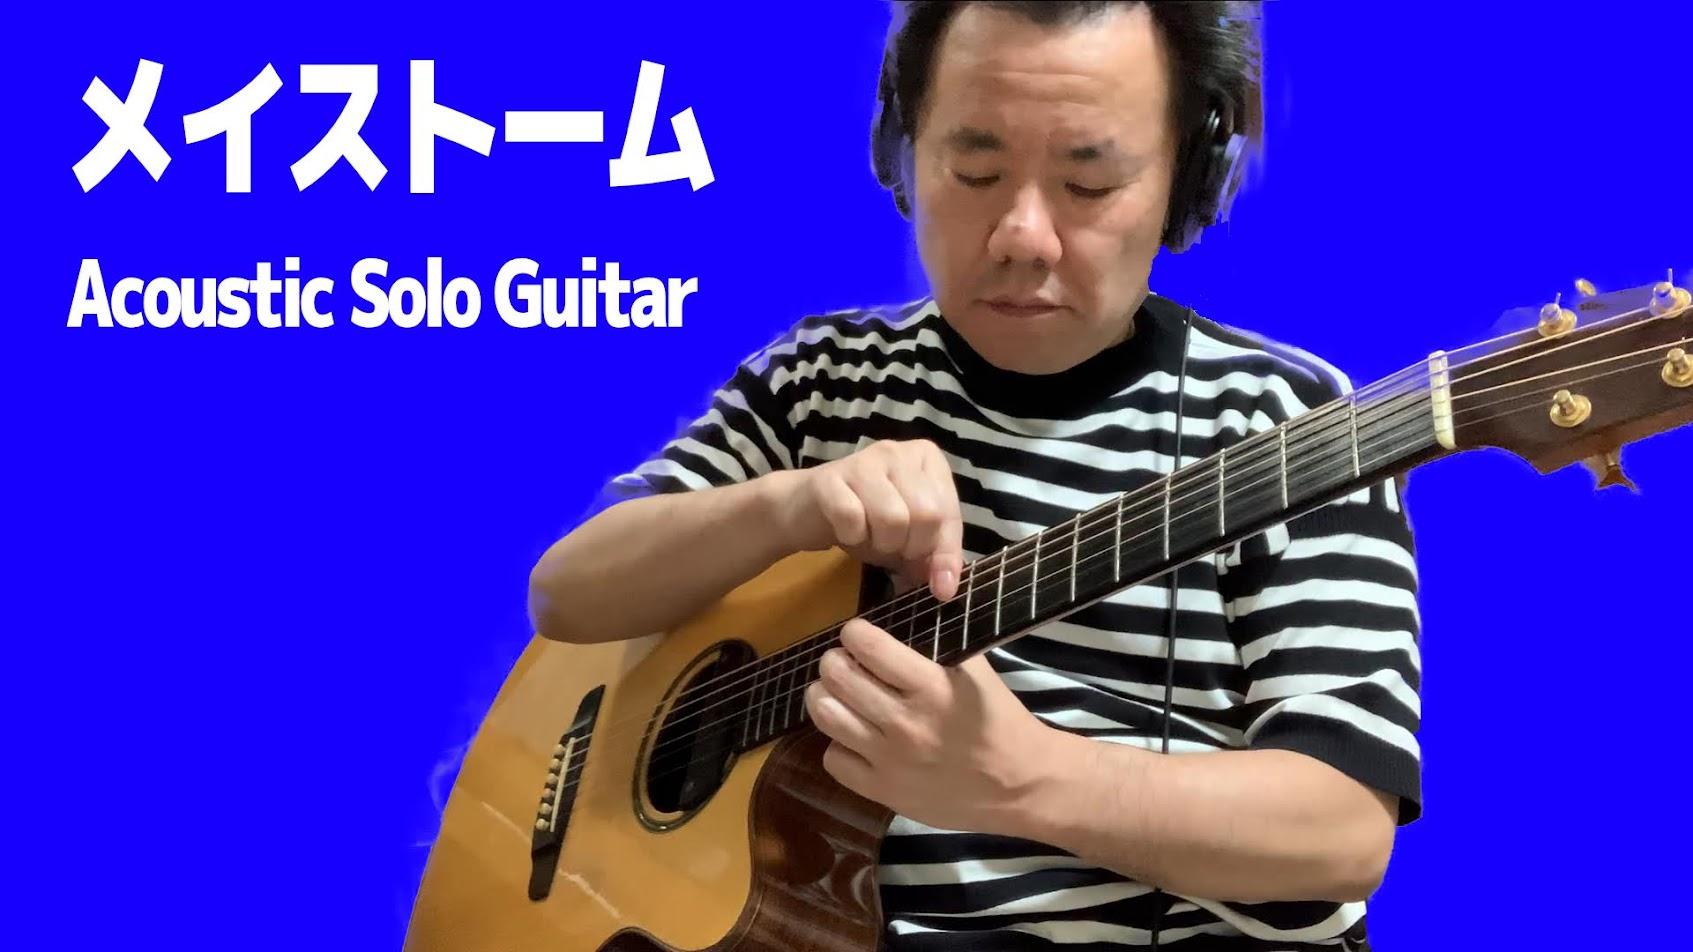 メイストーム-May Storm-Acoustic Solo Guitar